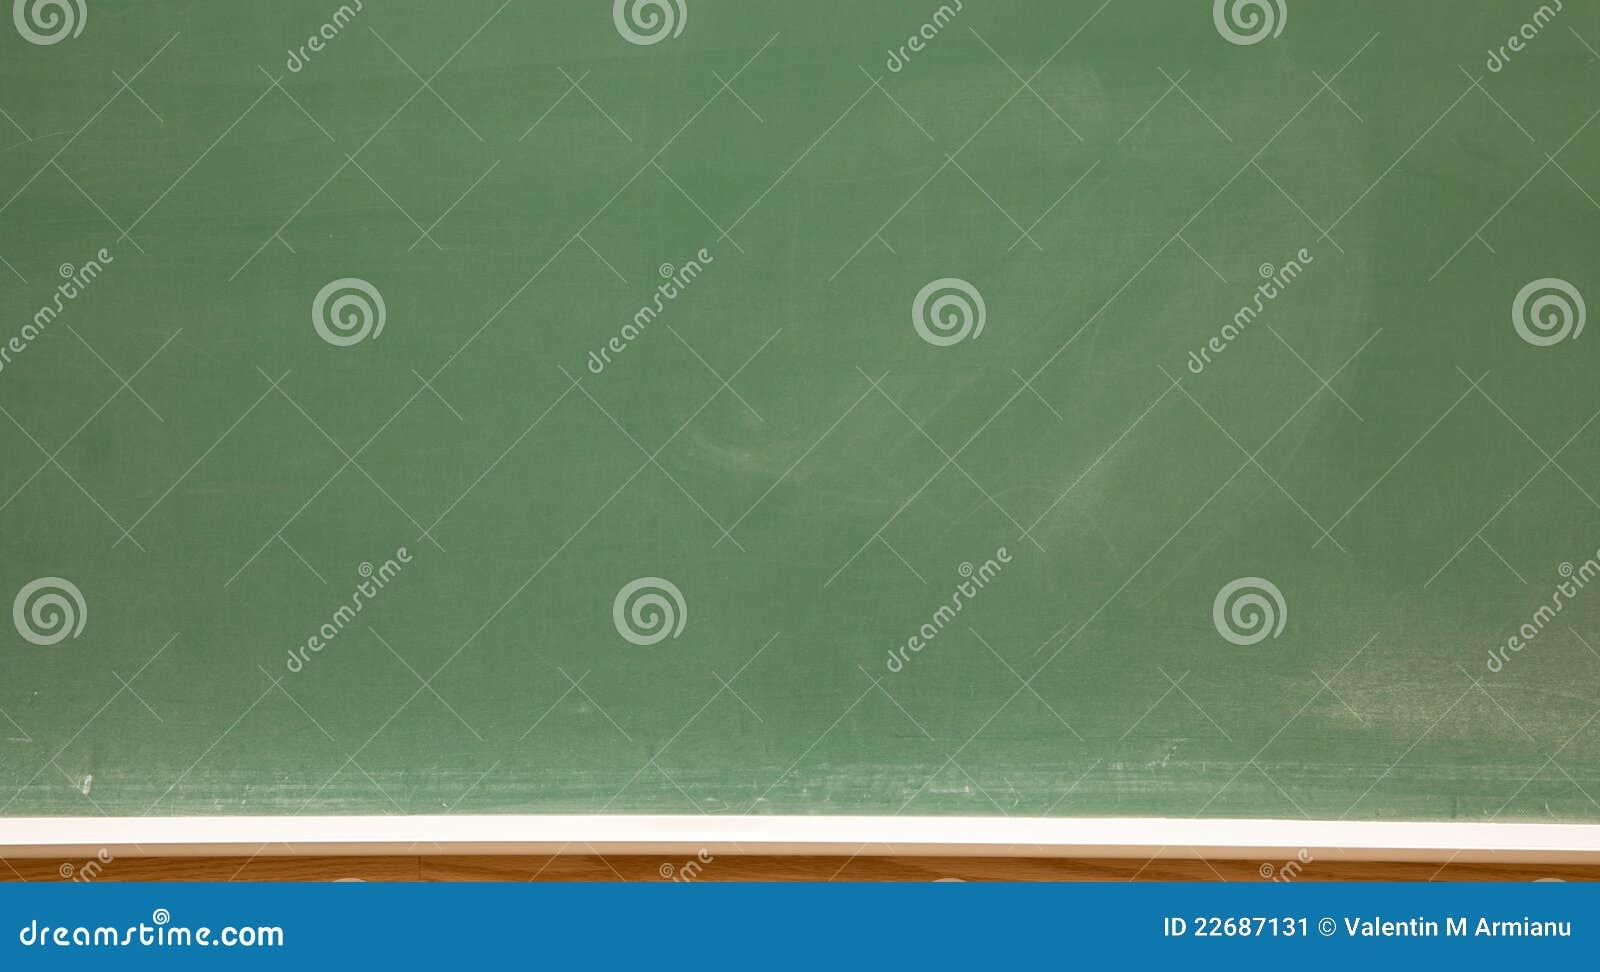 Het bord van het klaslokaal